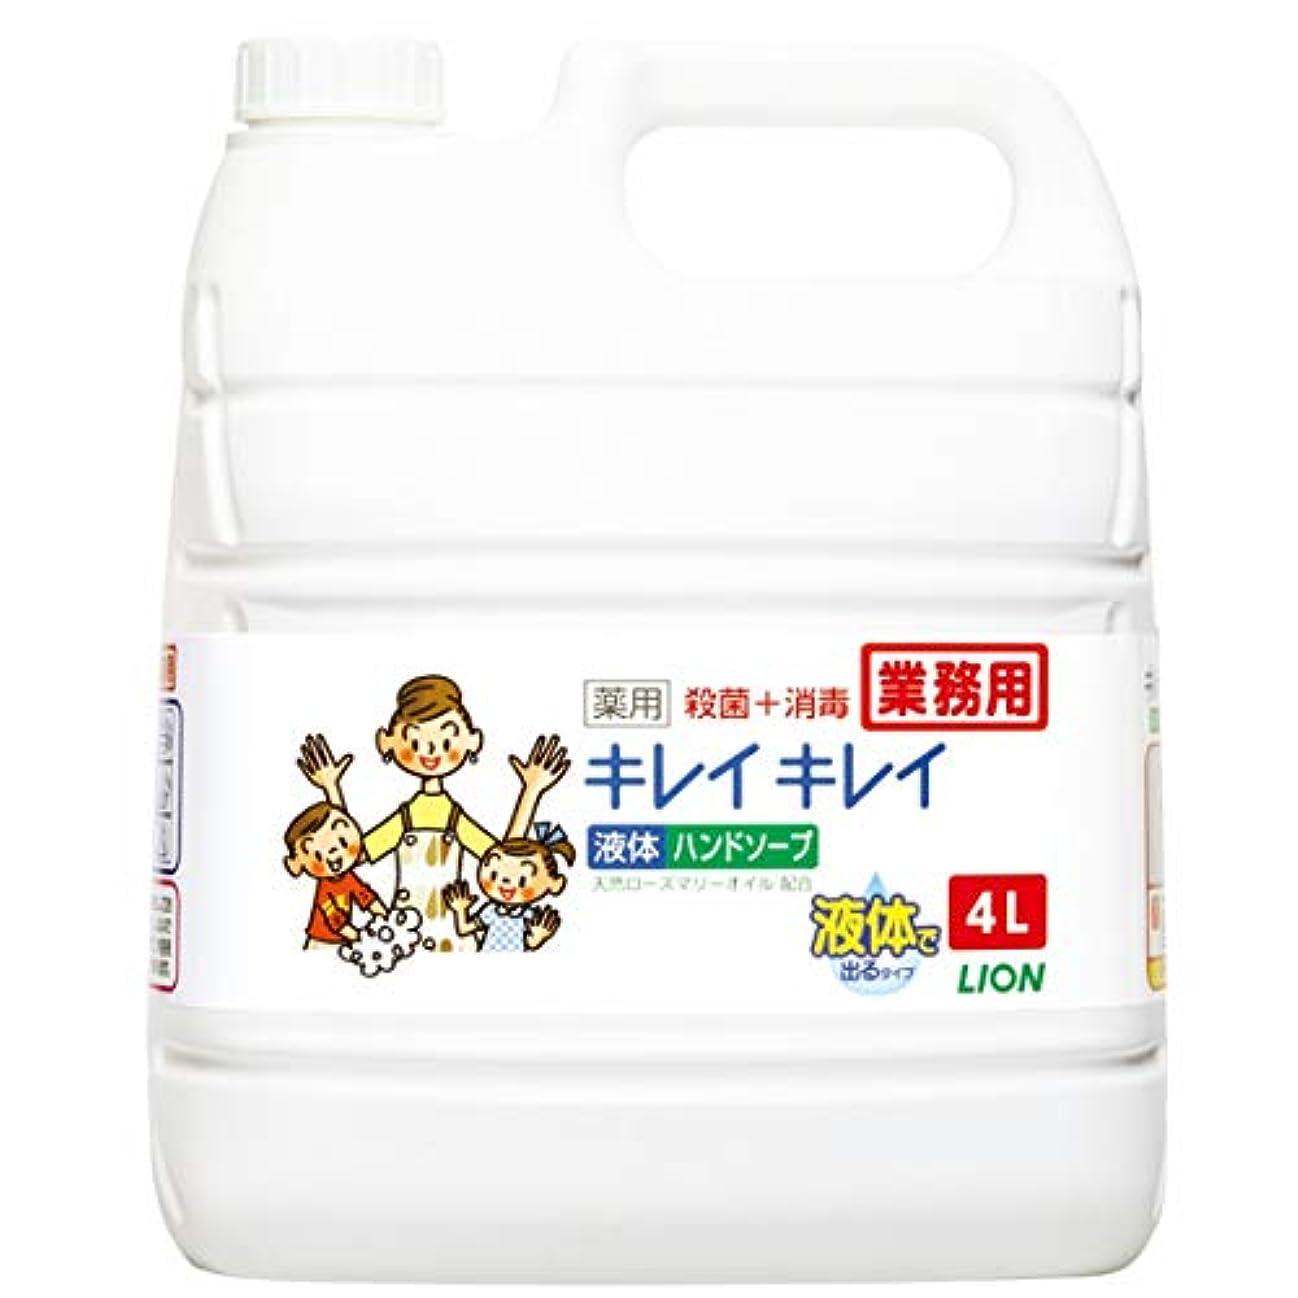 役に立つ炭水化物頻繁に【業務用 大容量】キレイキレイ 薬用 ハンドソープ  4L(医薬部外品)